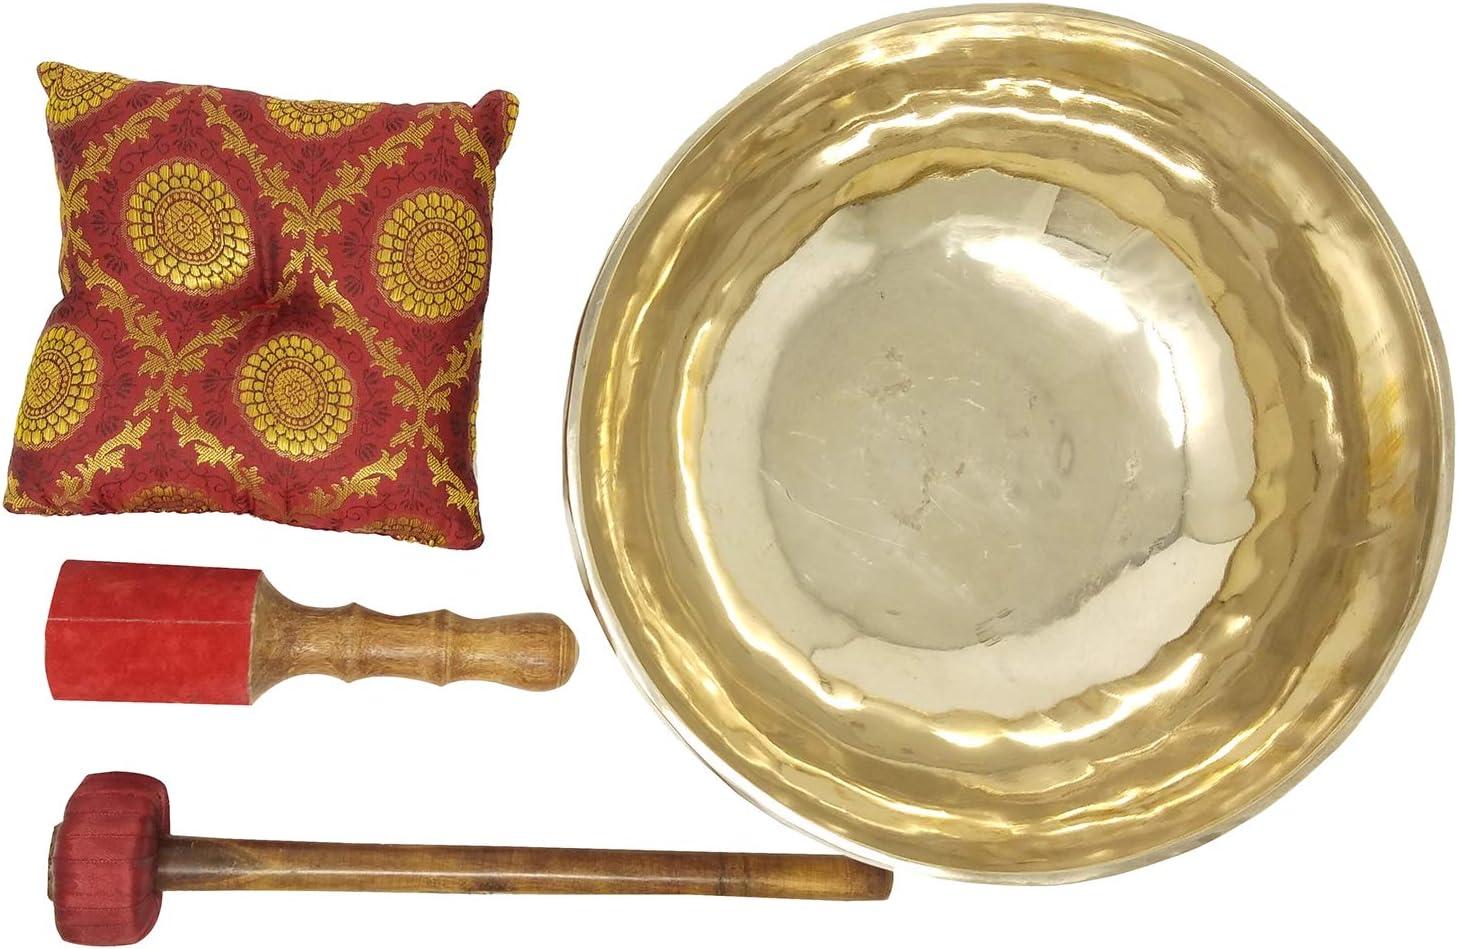 CRAFTSTRIBE 11Taz/ón de fuente hecho a mano de la corona Chatra Taz/ón de fuente de meditaci/ón de cuenco tibetano con mazo y coj/ín de seda